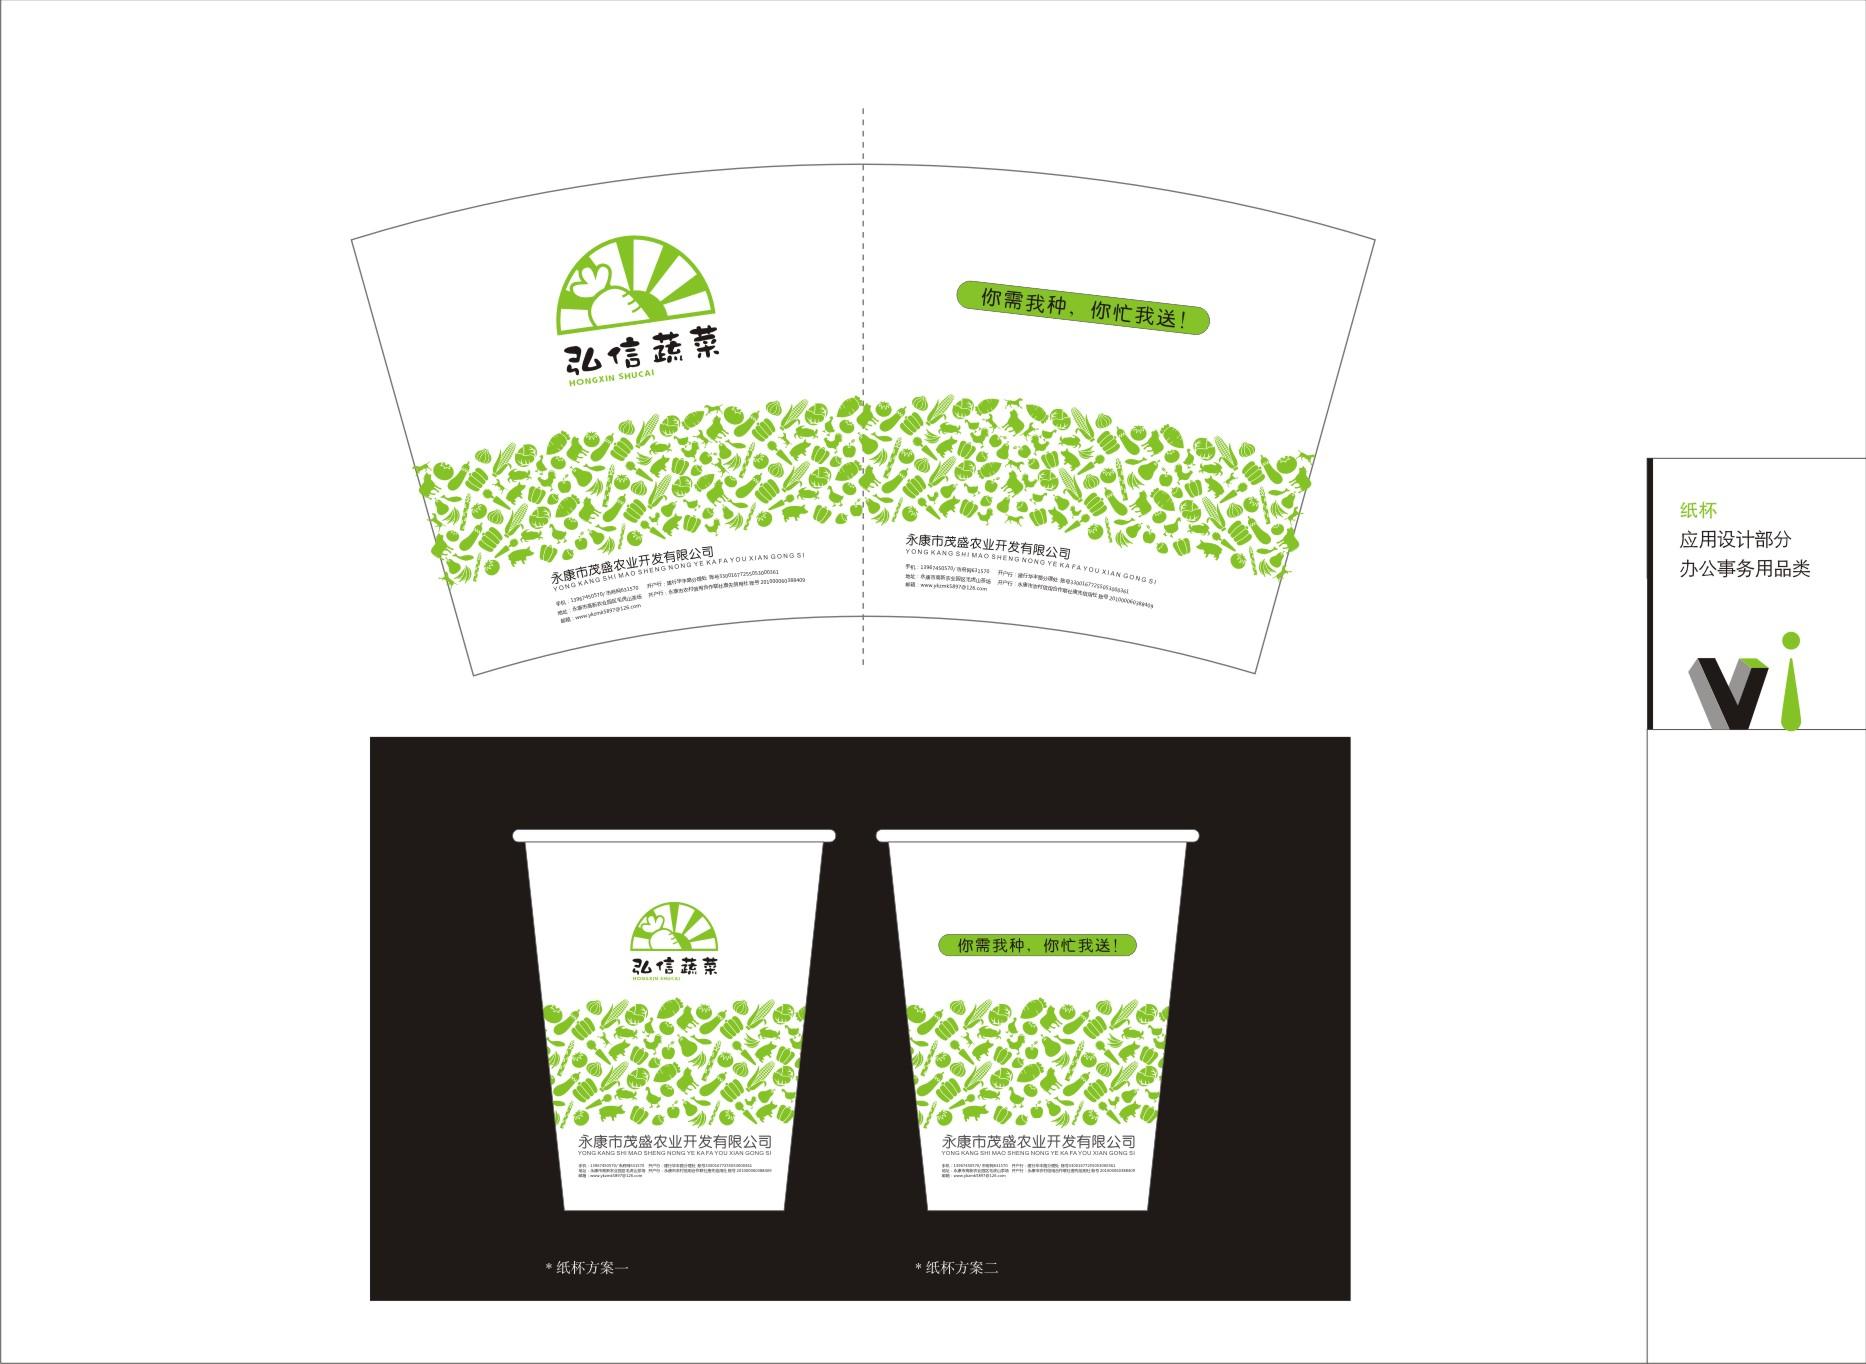 【改变广告】企业形象VI办公用品单项VI升级设计vi